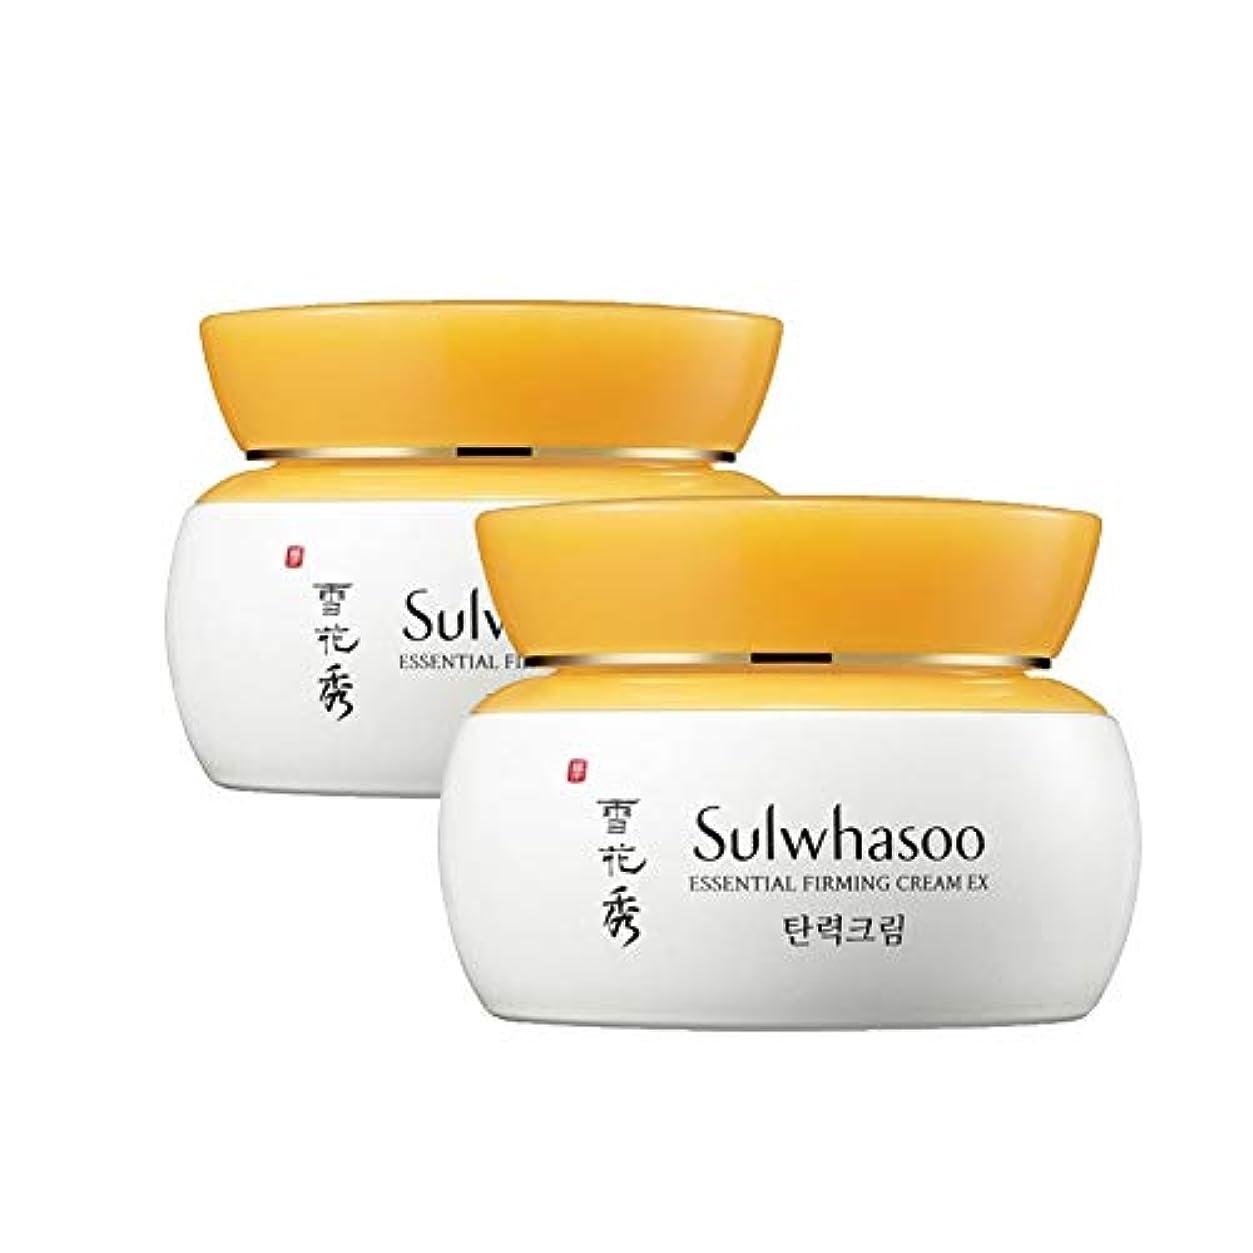 スイ定刻山雪花秀エッセンシャルパーミングクリーム 75mlx2本セット弾力クリーム韓国コスメ、Sulwhasoo Essential Firming Cream 75ml x 2ea Set Korean Cosmetics [並行輸入品]